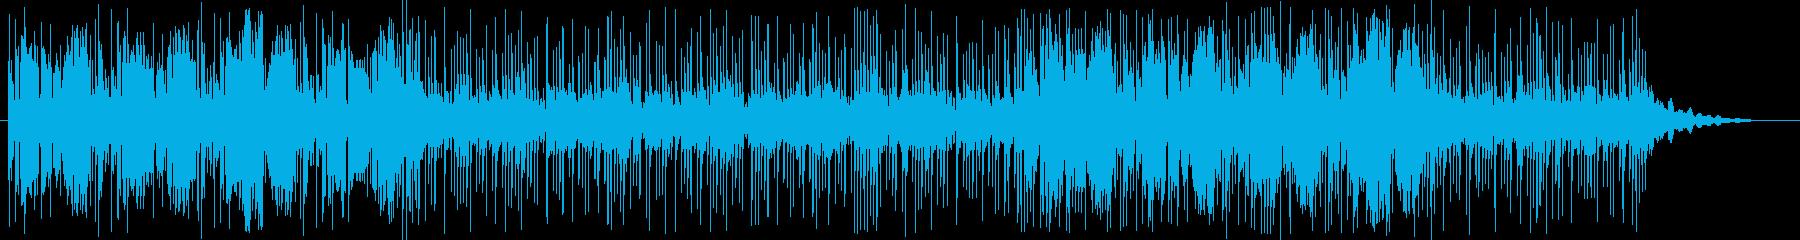 和的な笛と躍動感のあるリズムの再生済みの波形